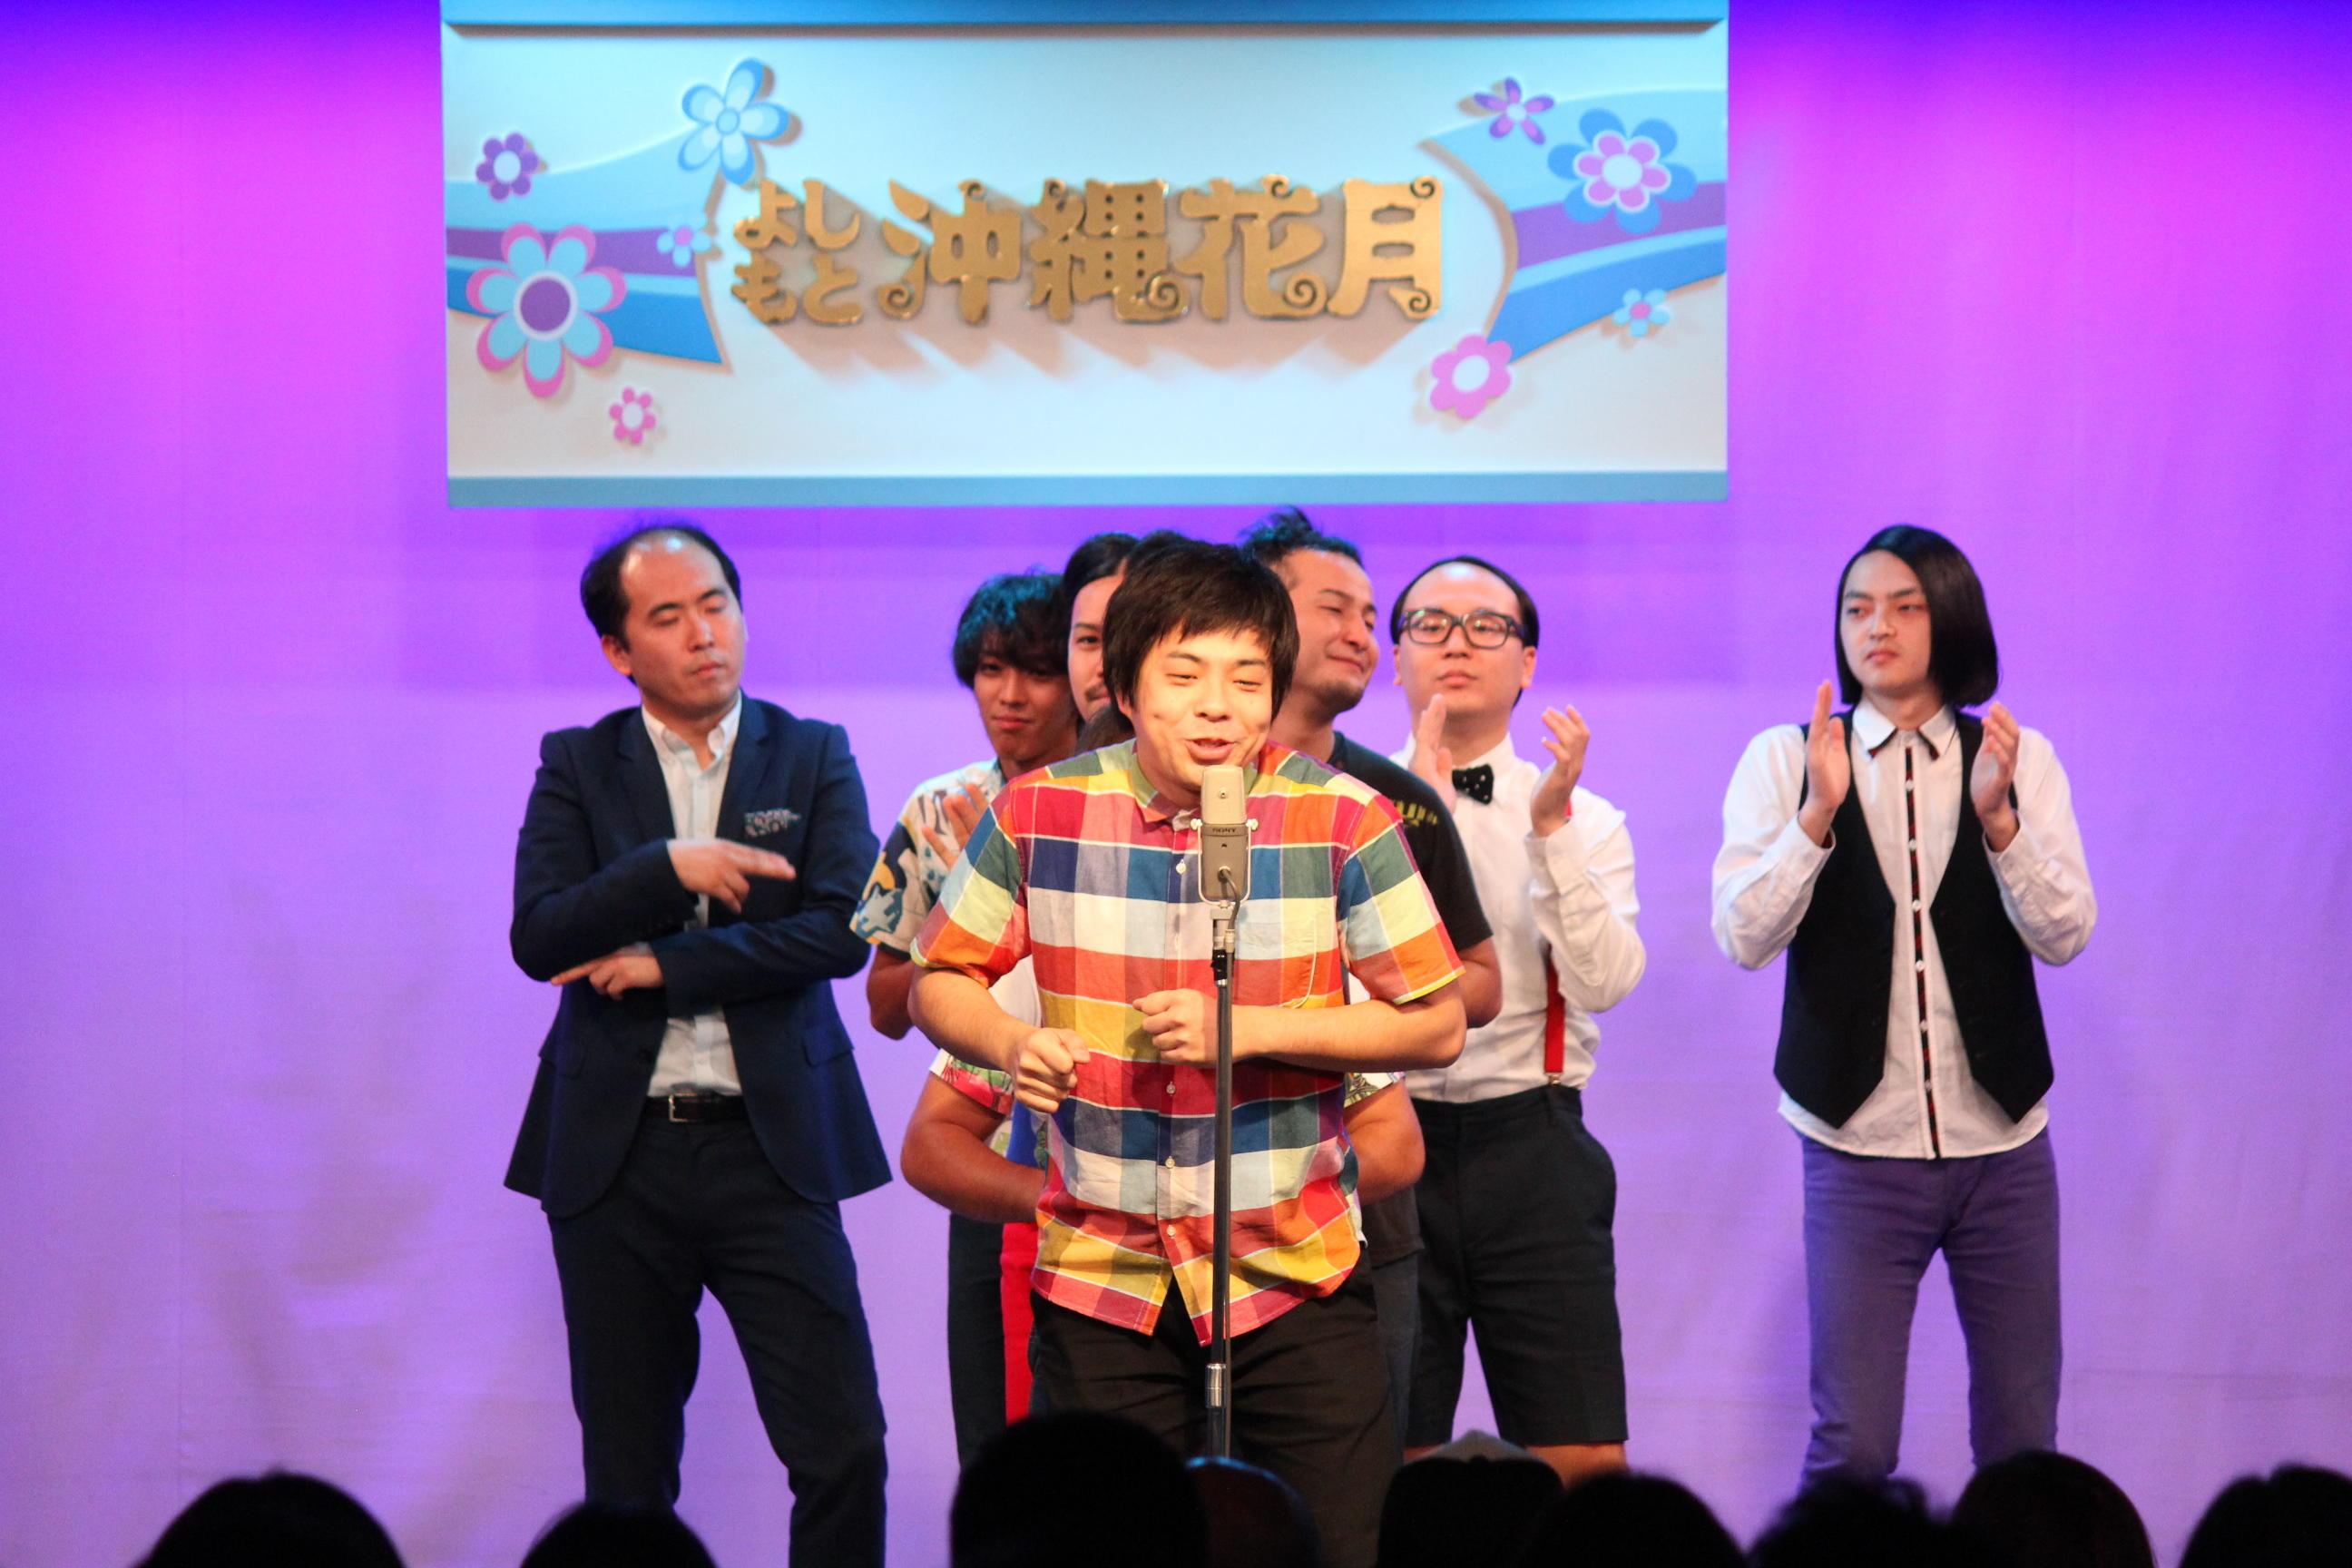 http://news.yoshimoto.co.jp/20151127201539-37ee2a2c066d2d7bcbd8f2c078d0f2429bf457c2.jpg